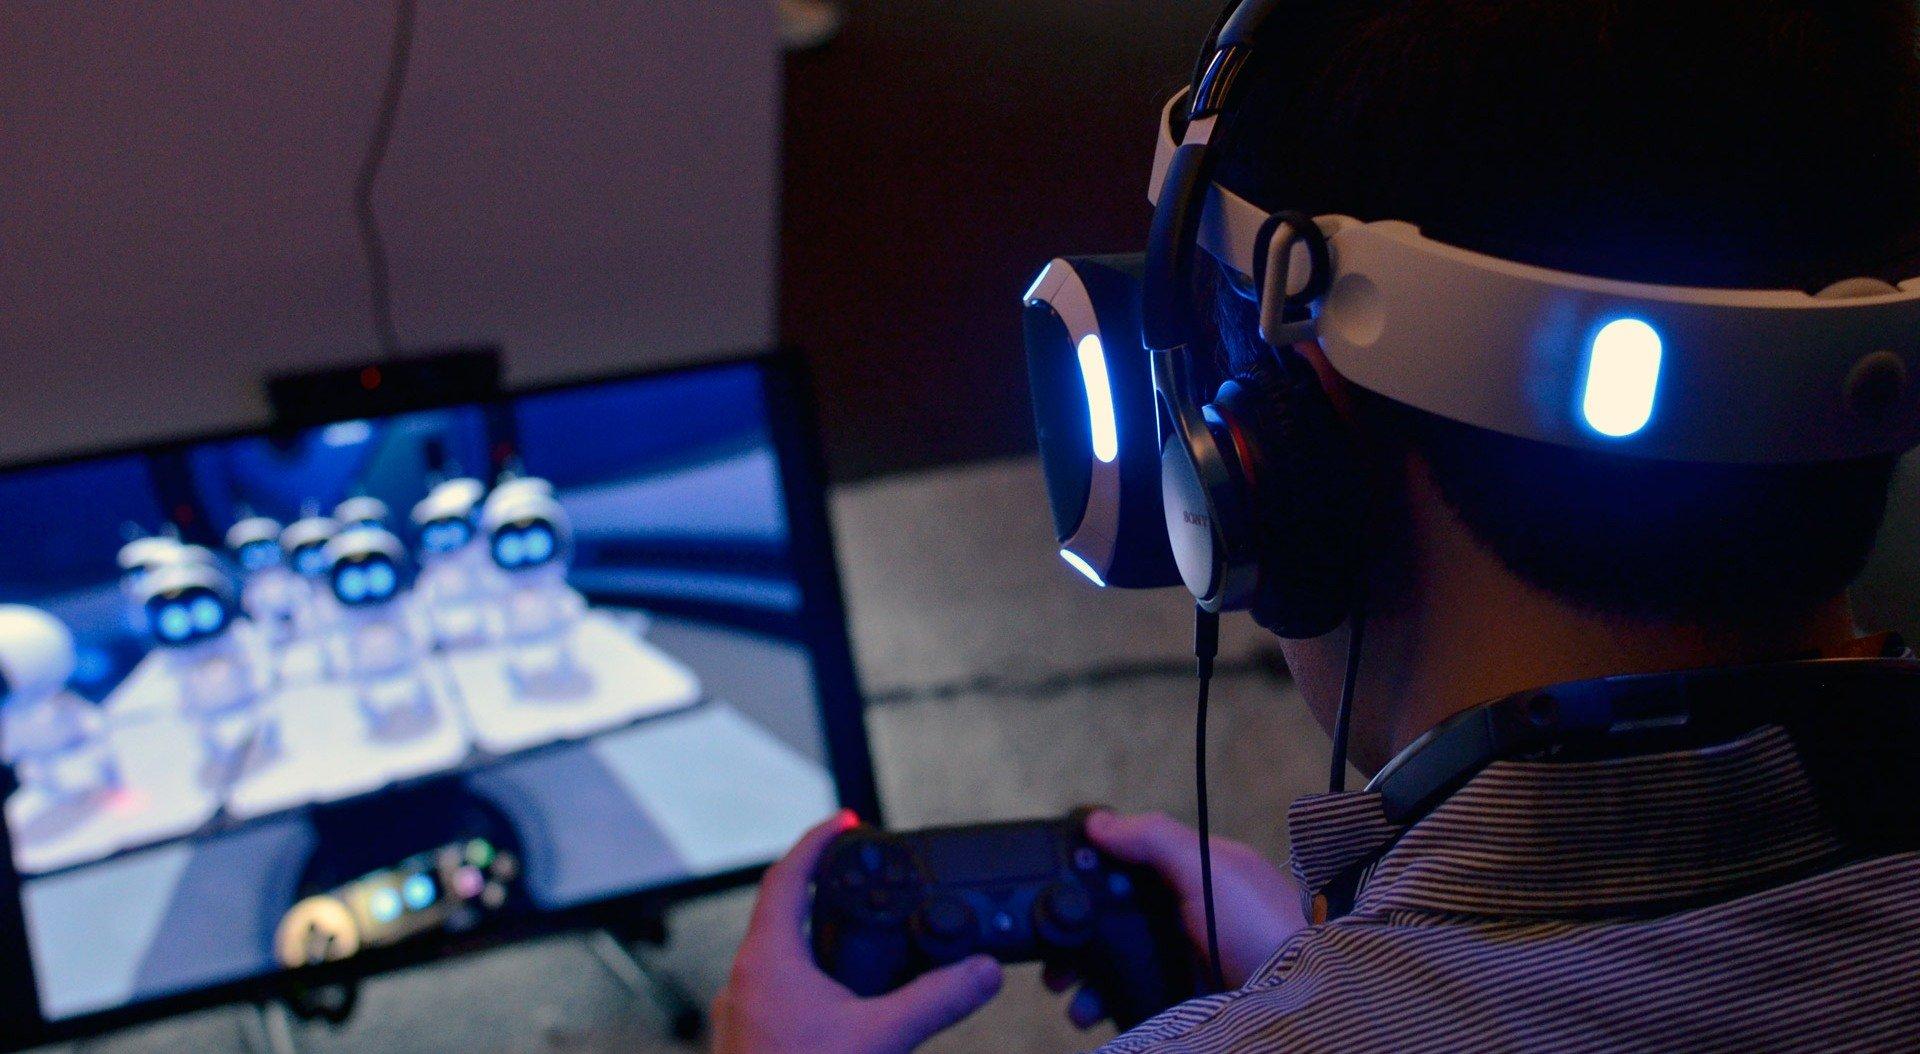 gdc oculus rift vr virtual reality виртуальная реальность отвратительные мужики disgusting men playstation vr